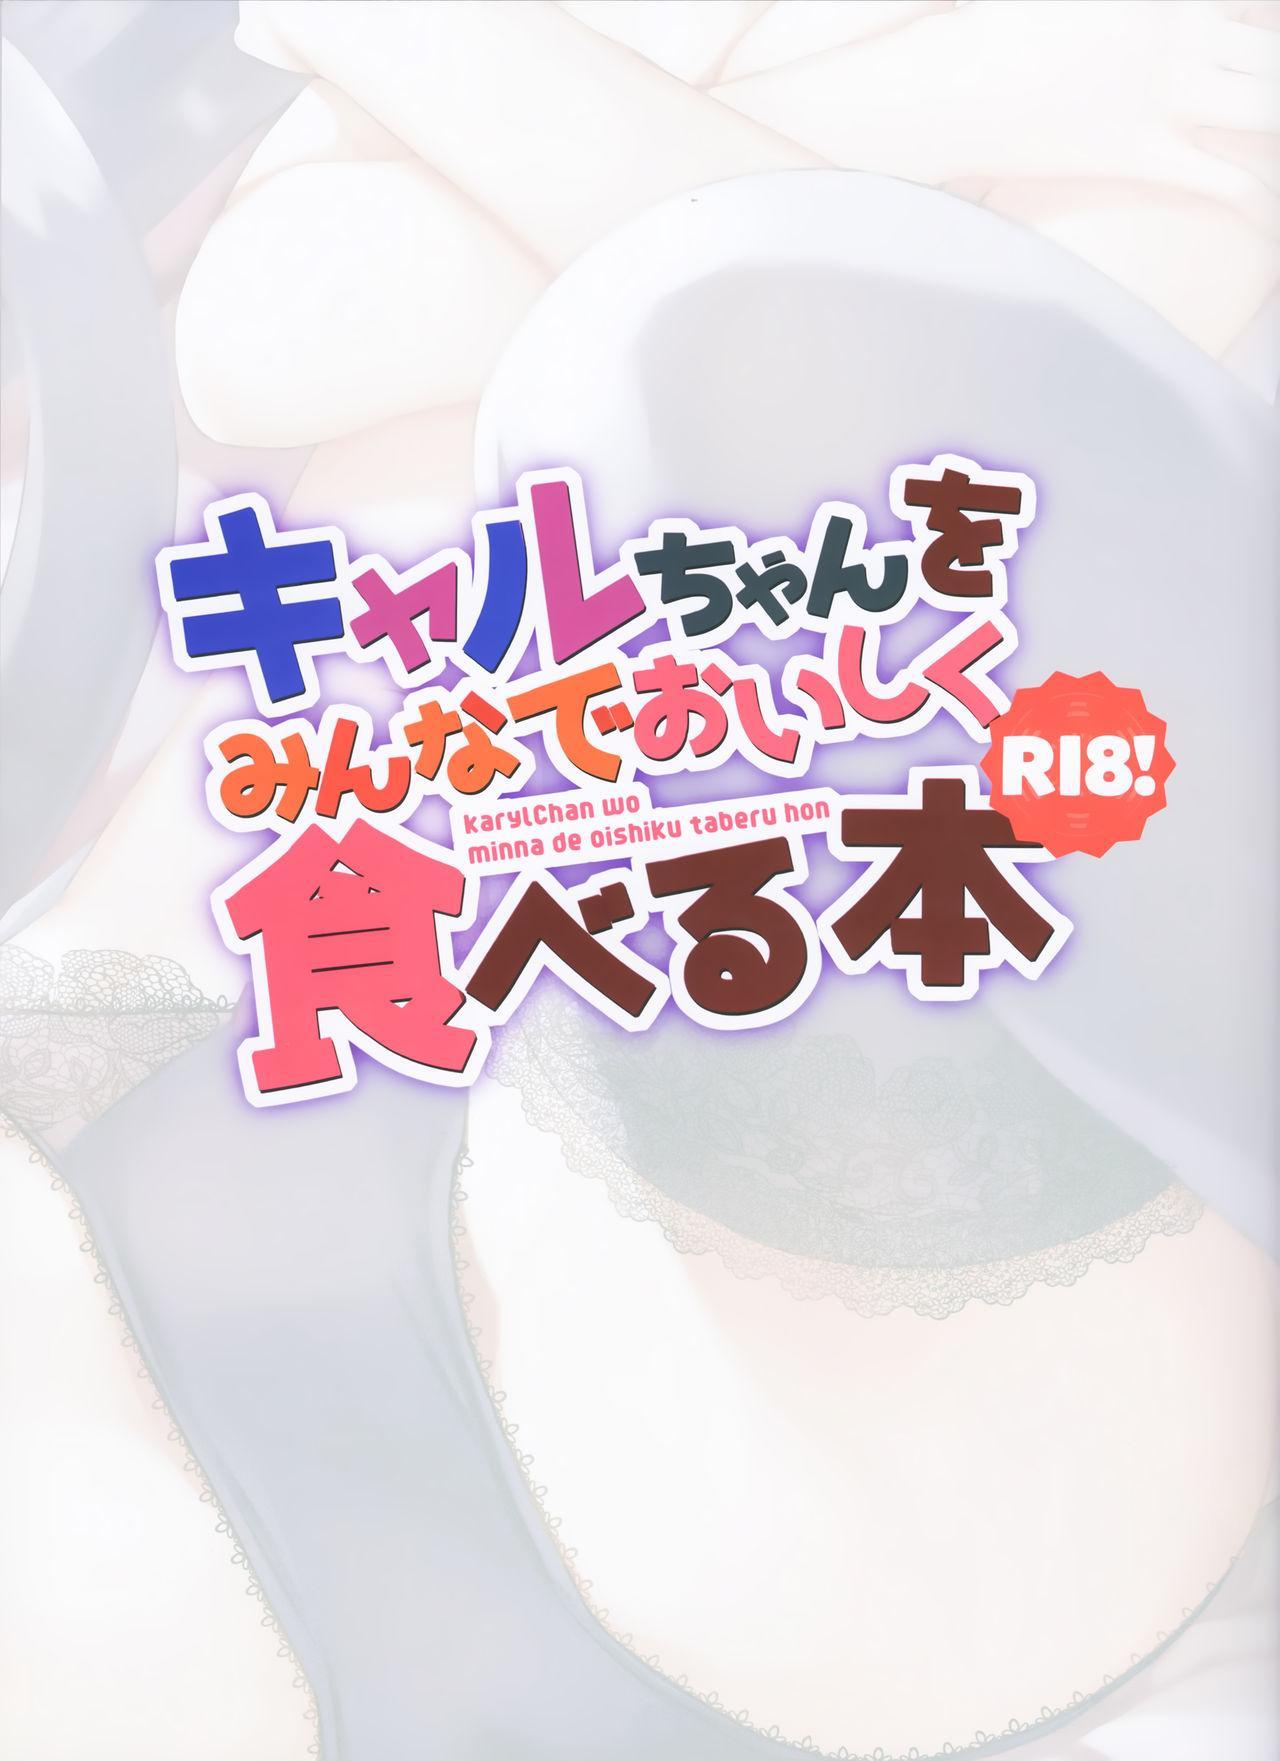 Kyaru-chan o Minna de Oishiku Taberu Hon 2